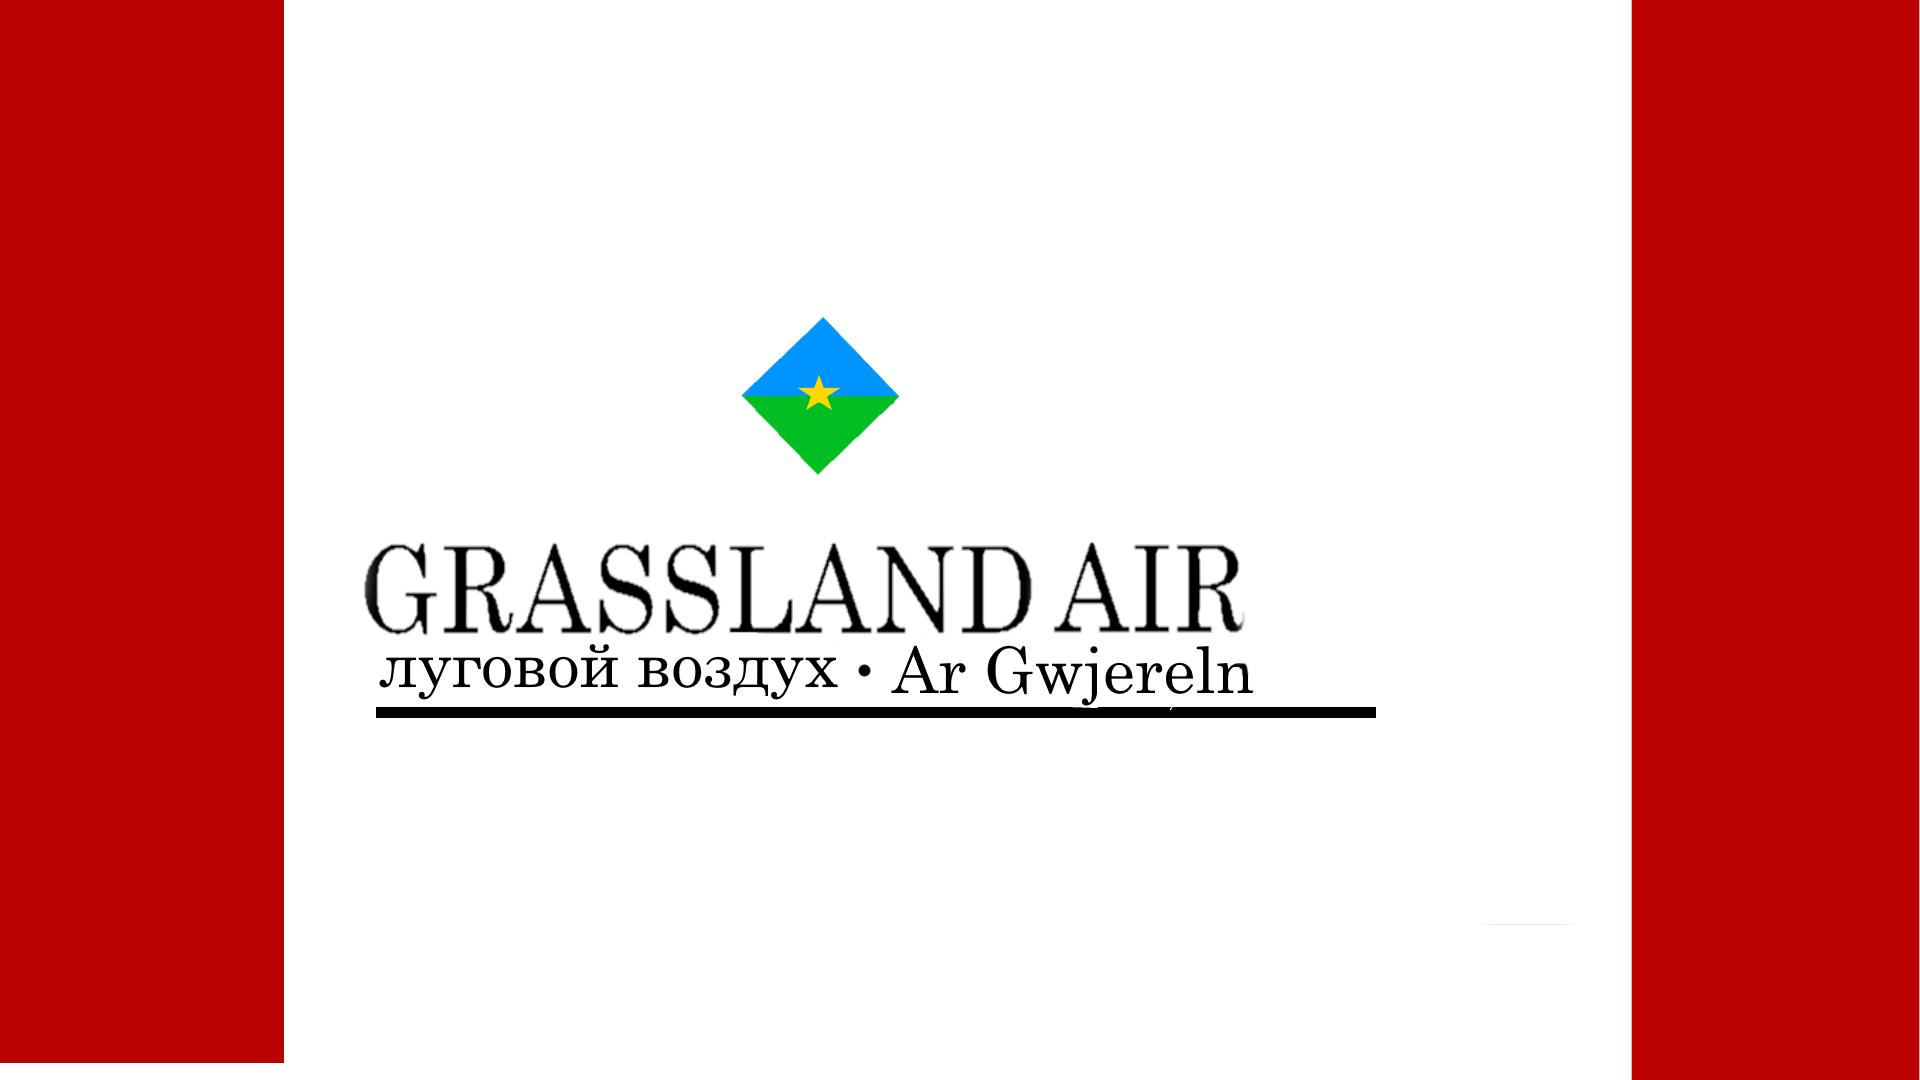 Grassland Air (East Grassland)